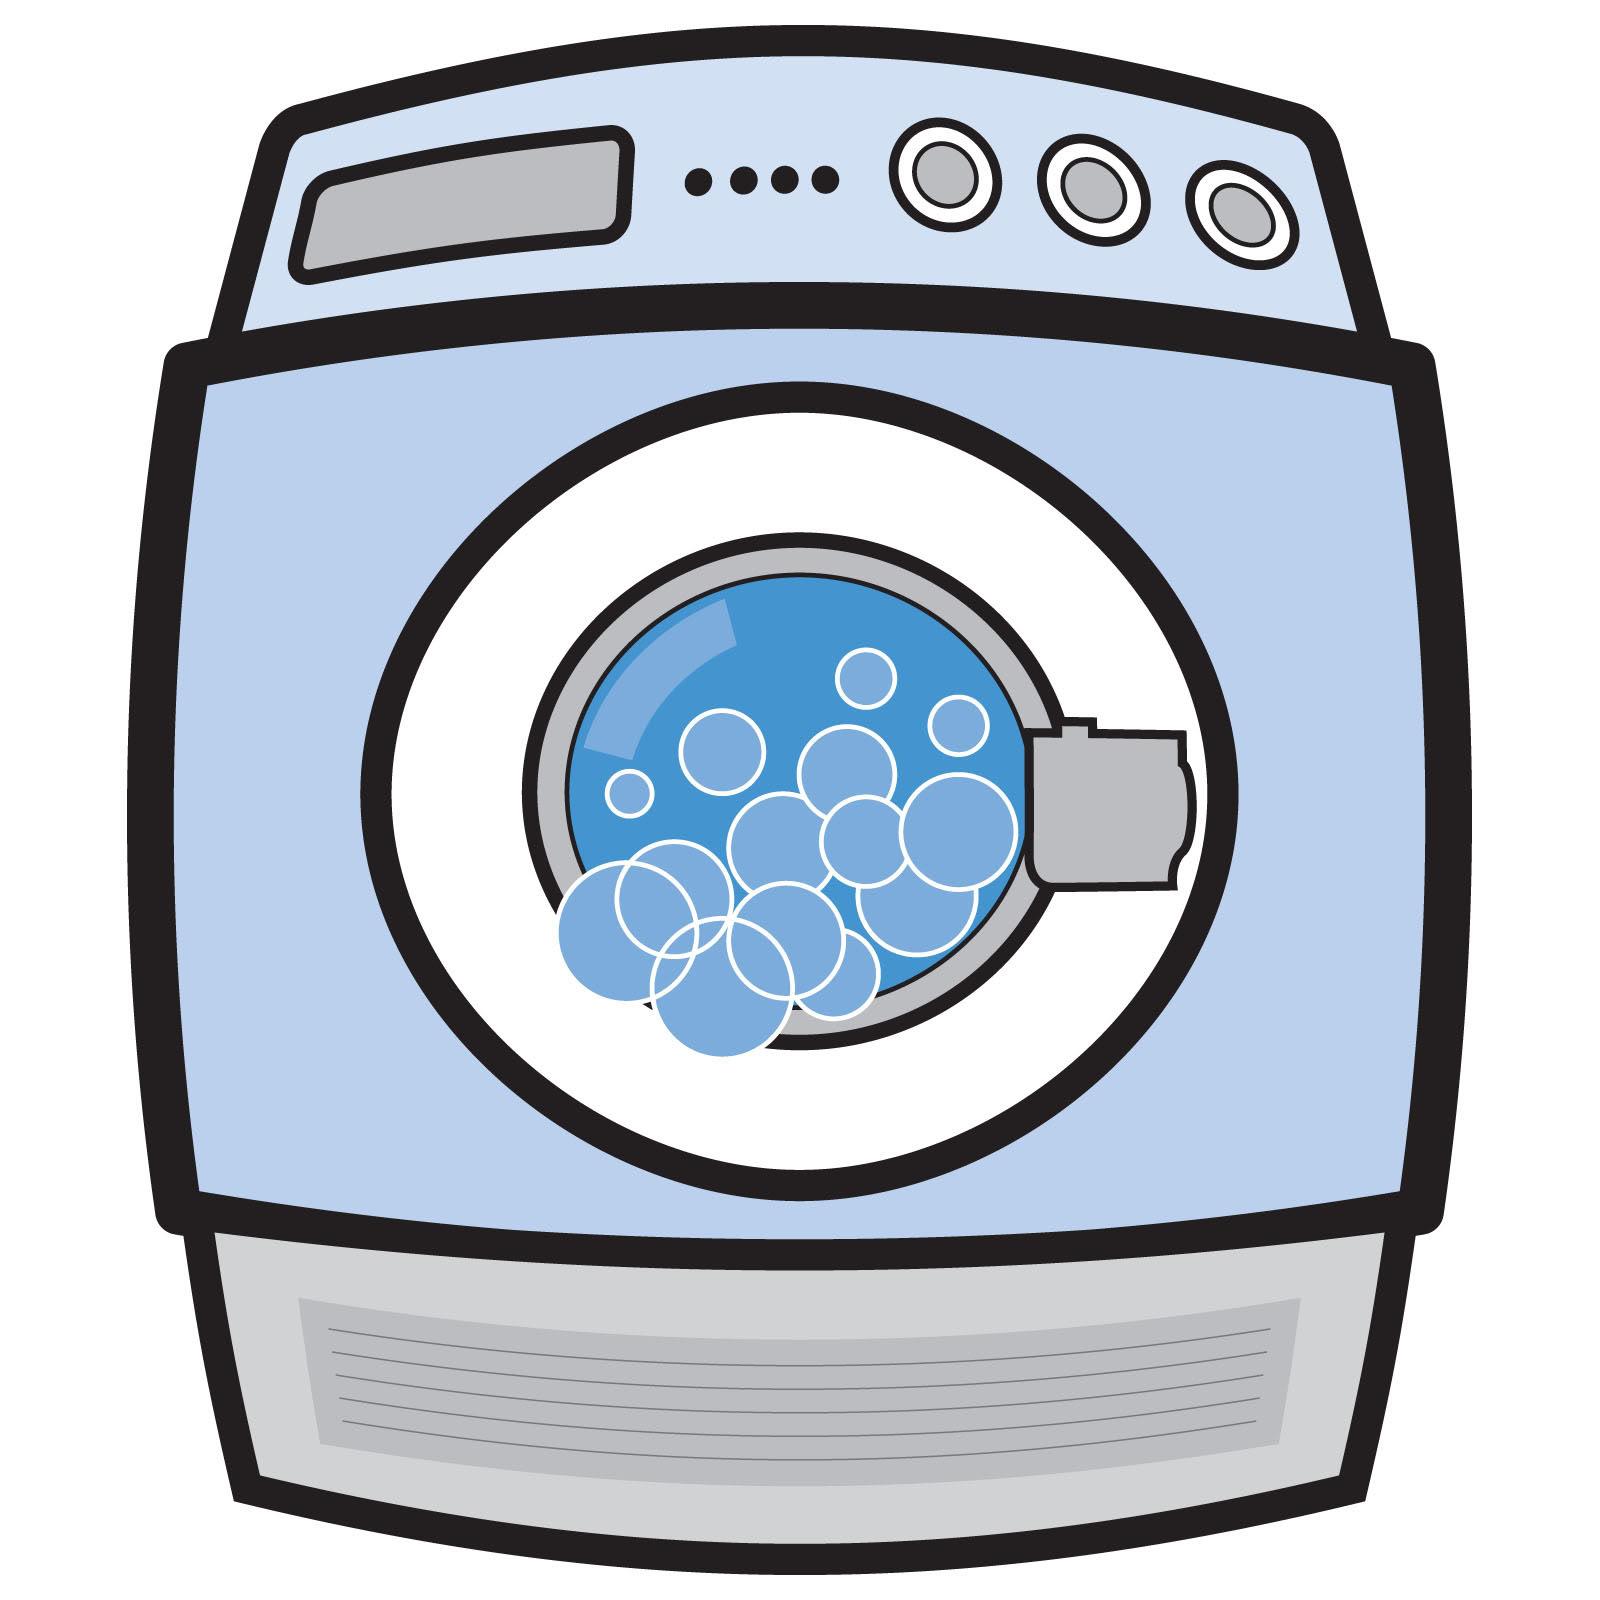 продать бу стиральную машину